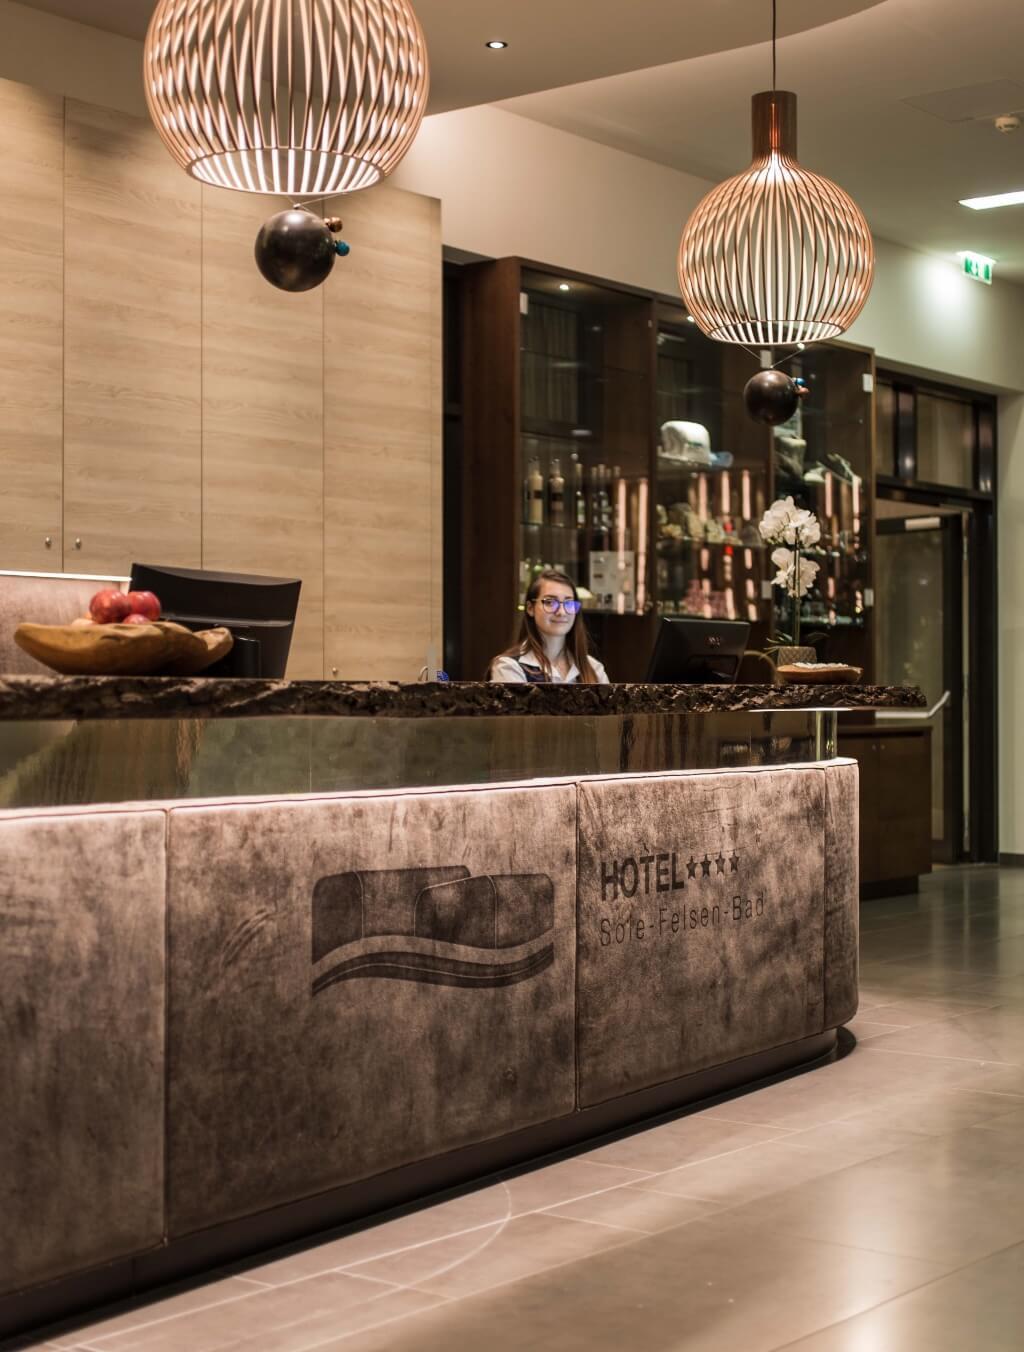 HOTEL-SOLE-FELSENBAD_Gmünd_50.36@2x